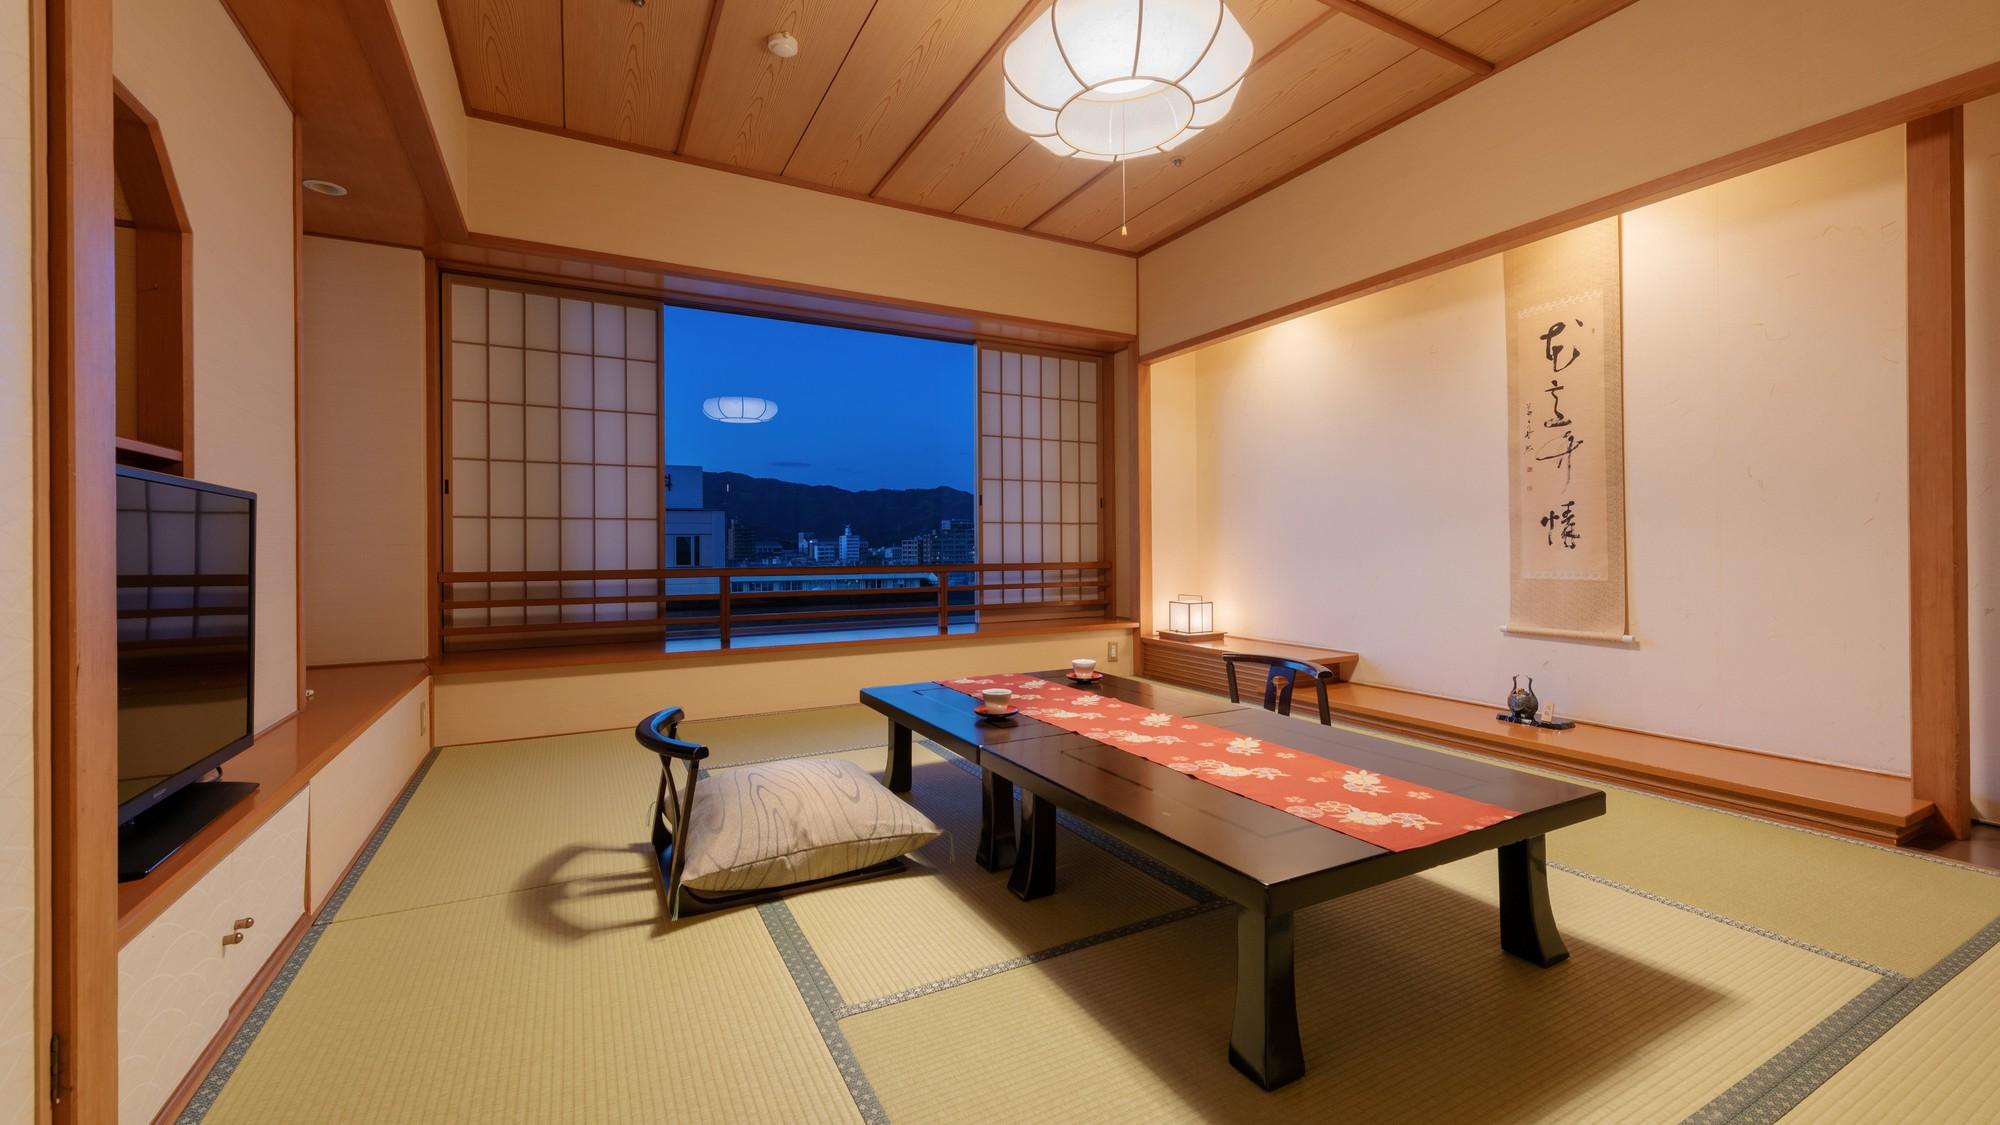 【千寿】和室8畳<40m2>広縁のない和室のお部屋タイプとなります。